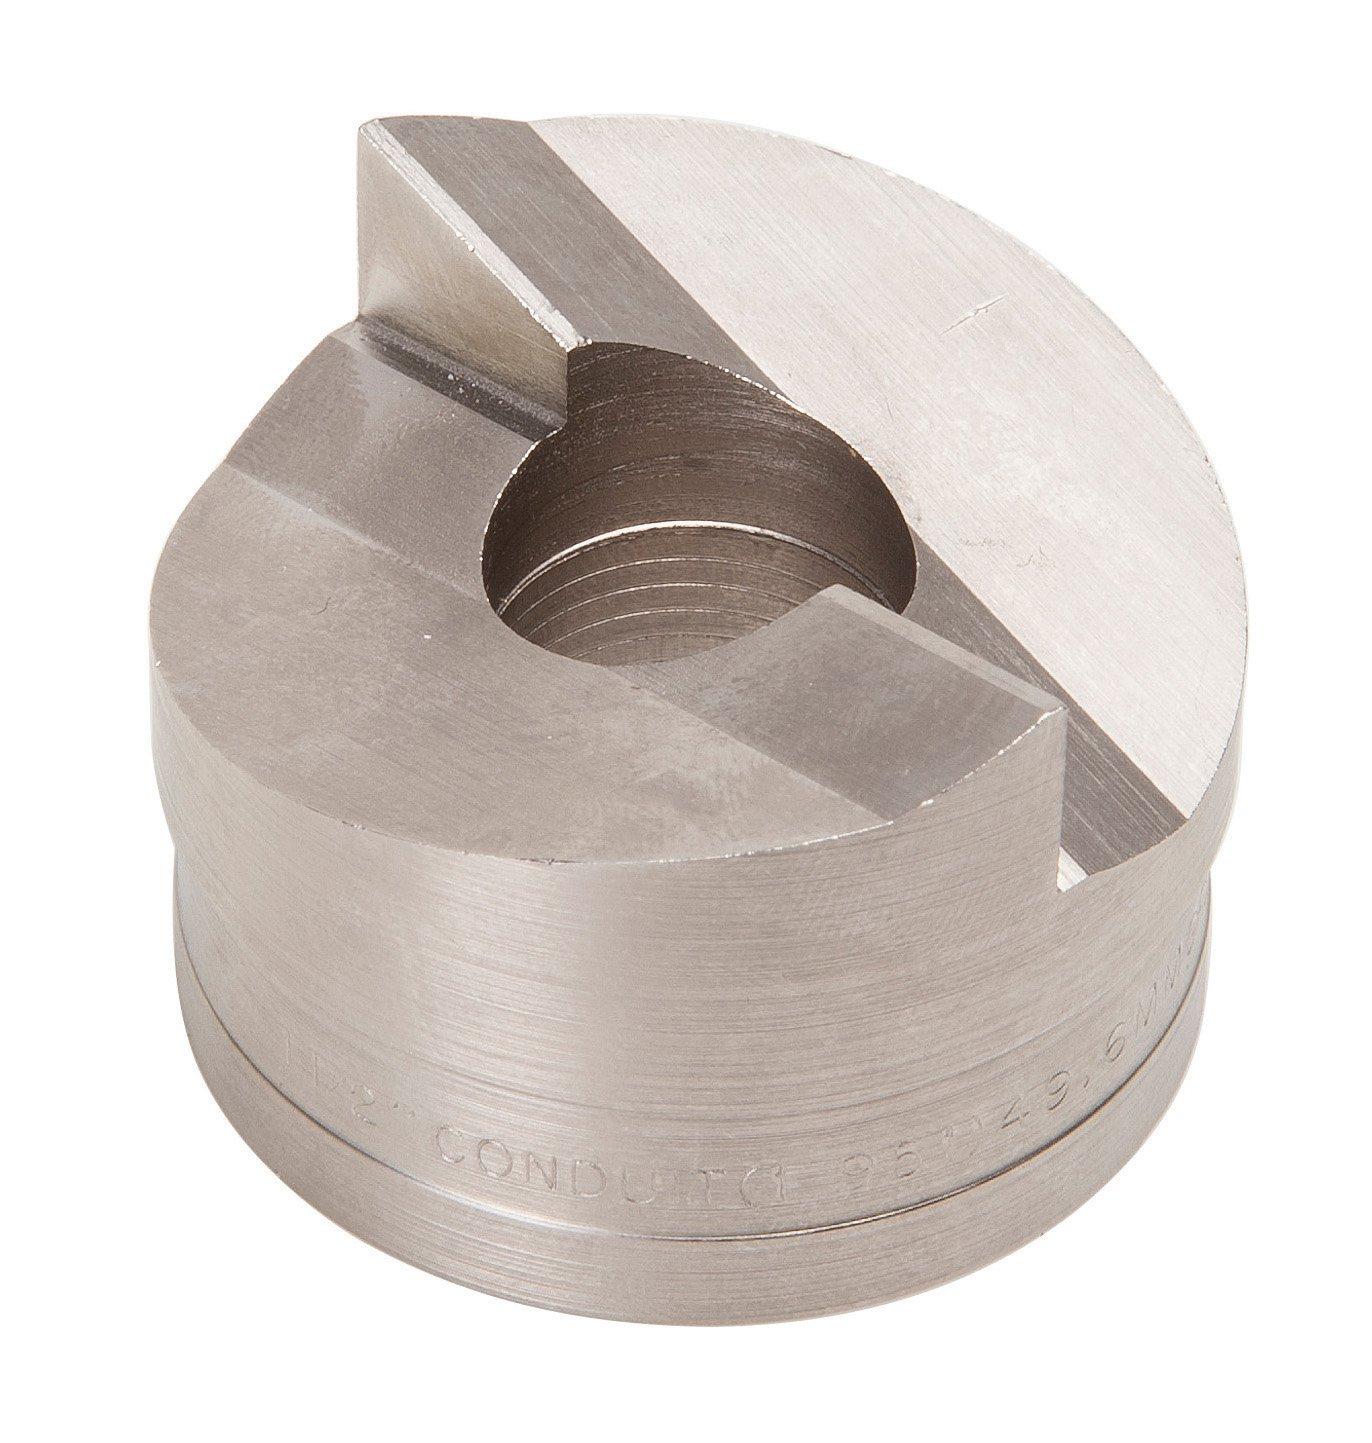 Greenlee 7212SP-1-1/2P 1-1/2-Inch Punch